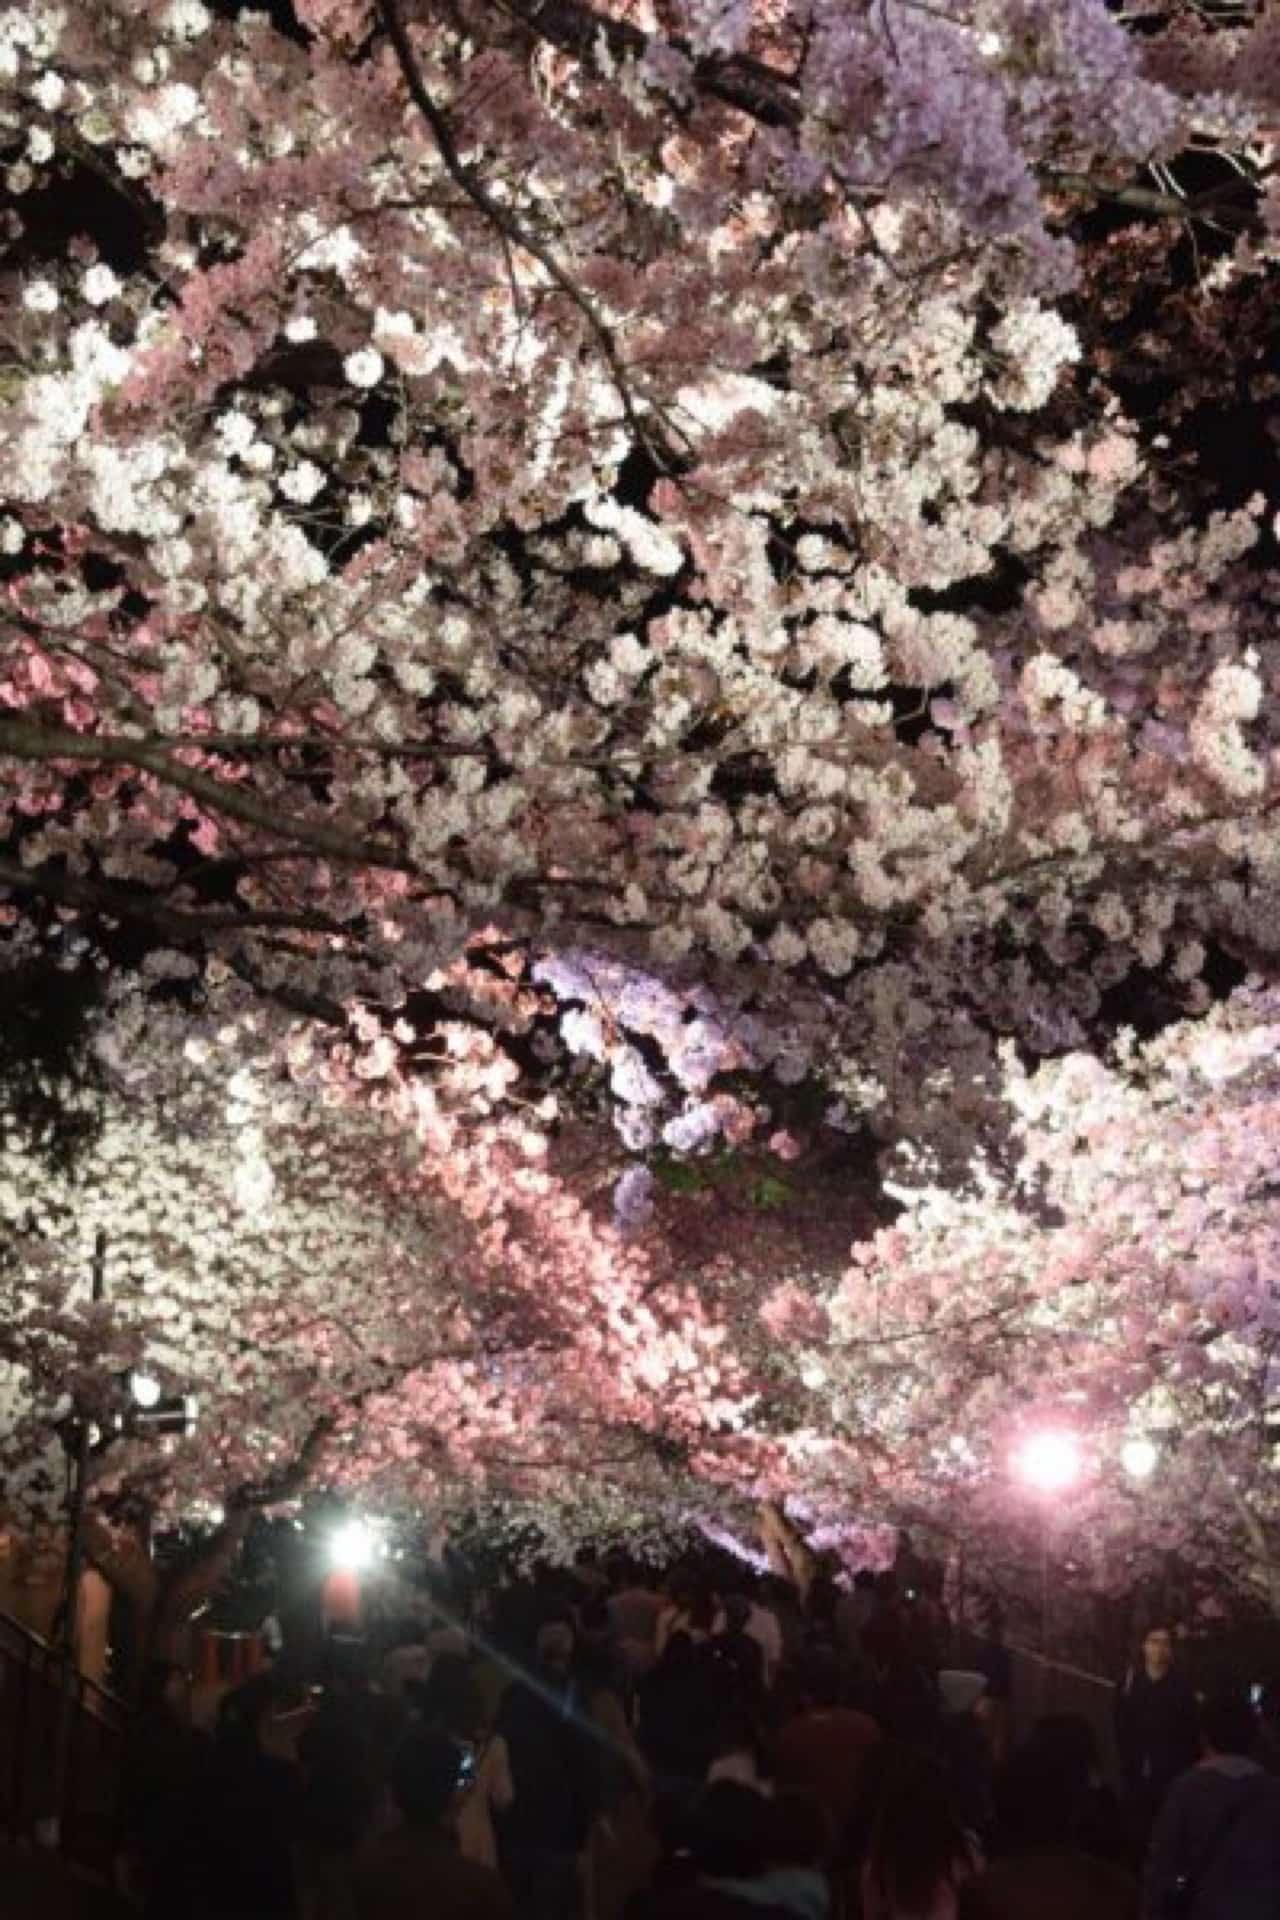 【2018年】無料で楽しめる!王子動物園の夜桜通り抜け。ライトアップされた美しい桜を見に行こう